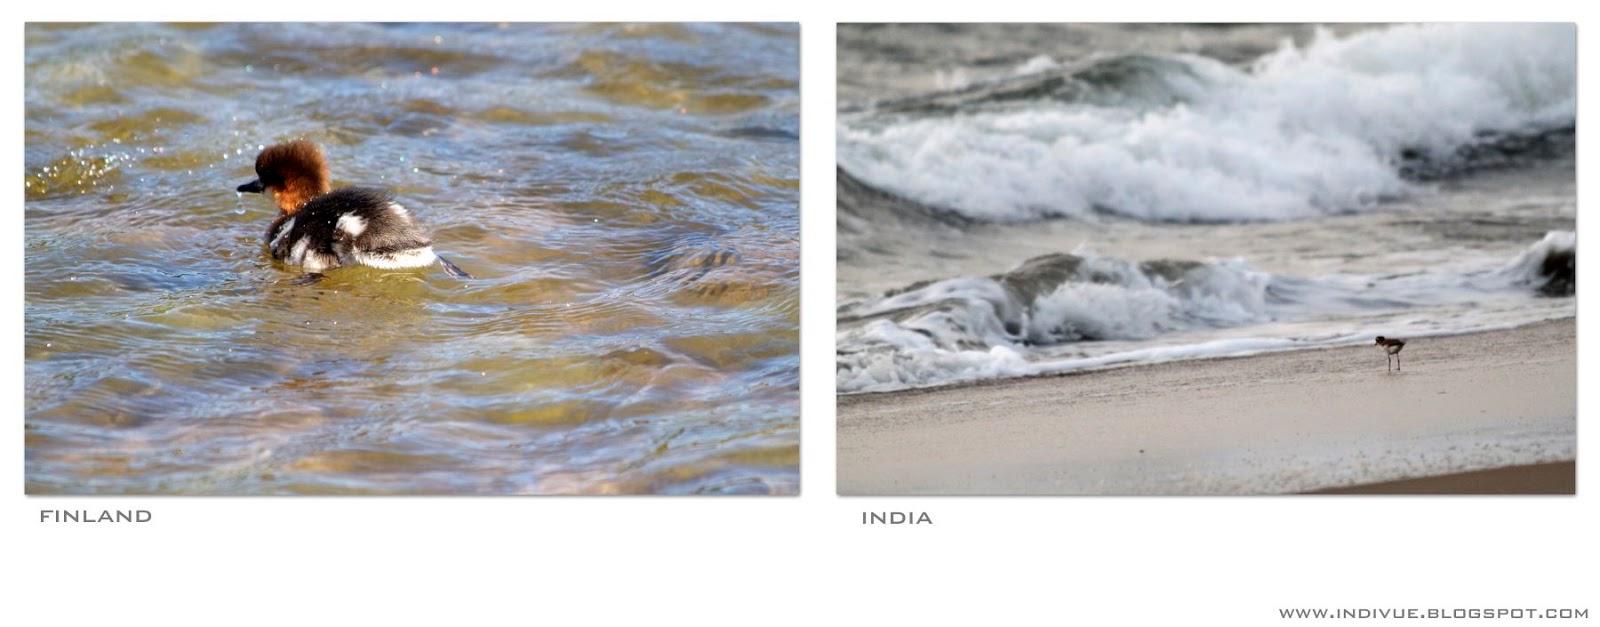 Suomalainen linnunpoikanen ja intialainen linnunpoikanen meren aalloissa